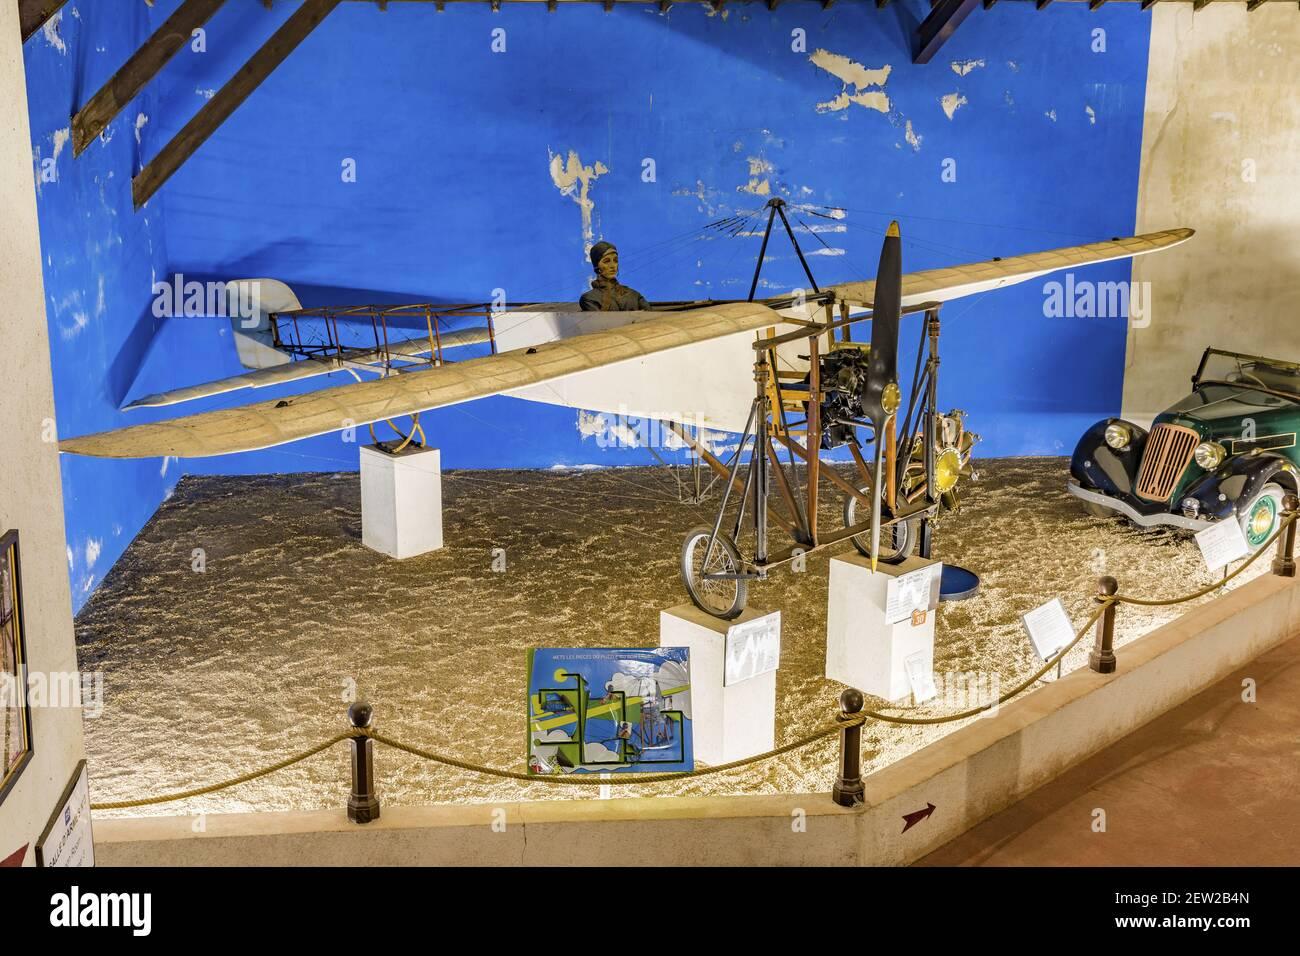 France, Indre et Loire, vallée de la Loire classée au patrimoine mondial par l'UNESCO, Azay-le-Rideau, musée Maurice Dufresne, le musée Maurice Dufresne abrite une impressionnante collection de véhicules, de machines et d'objets inhabituels sauvés de la destruction pendant plusieurs décennies par un récupérateur de métal de type monoplan XI Louis Blériot Banque D'Images